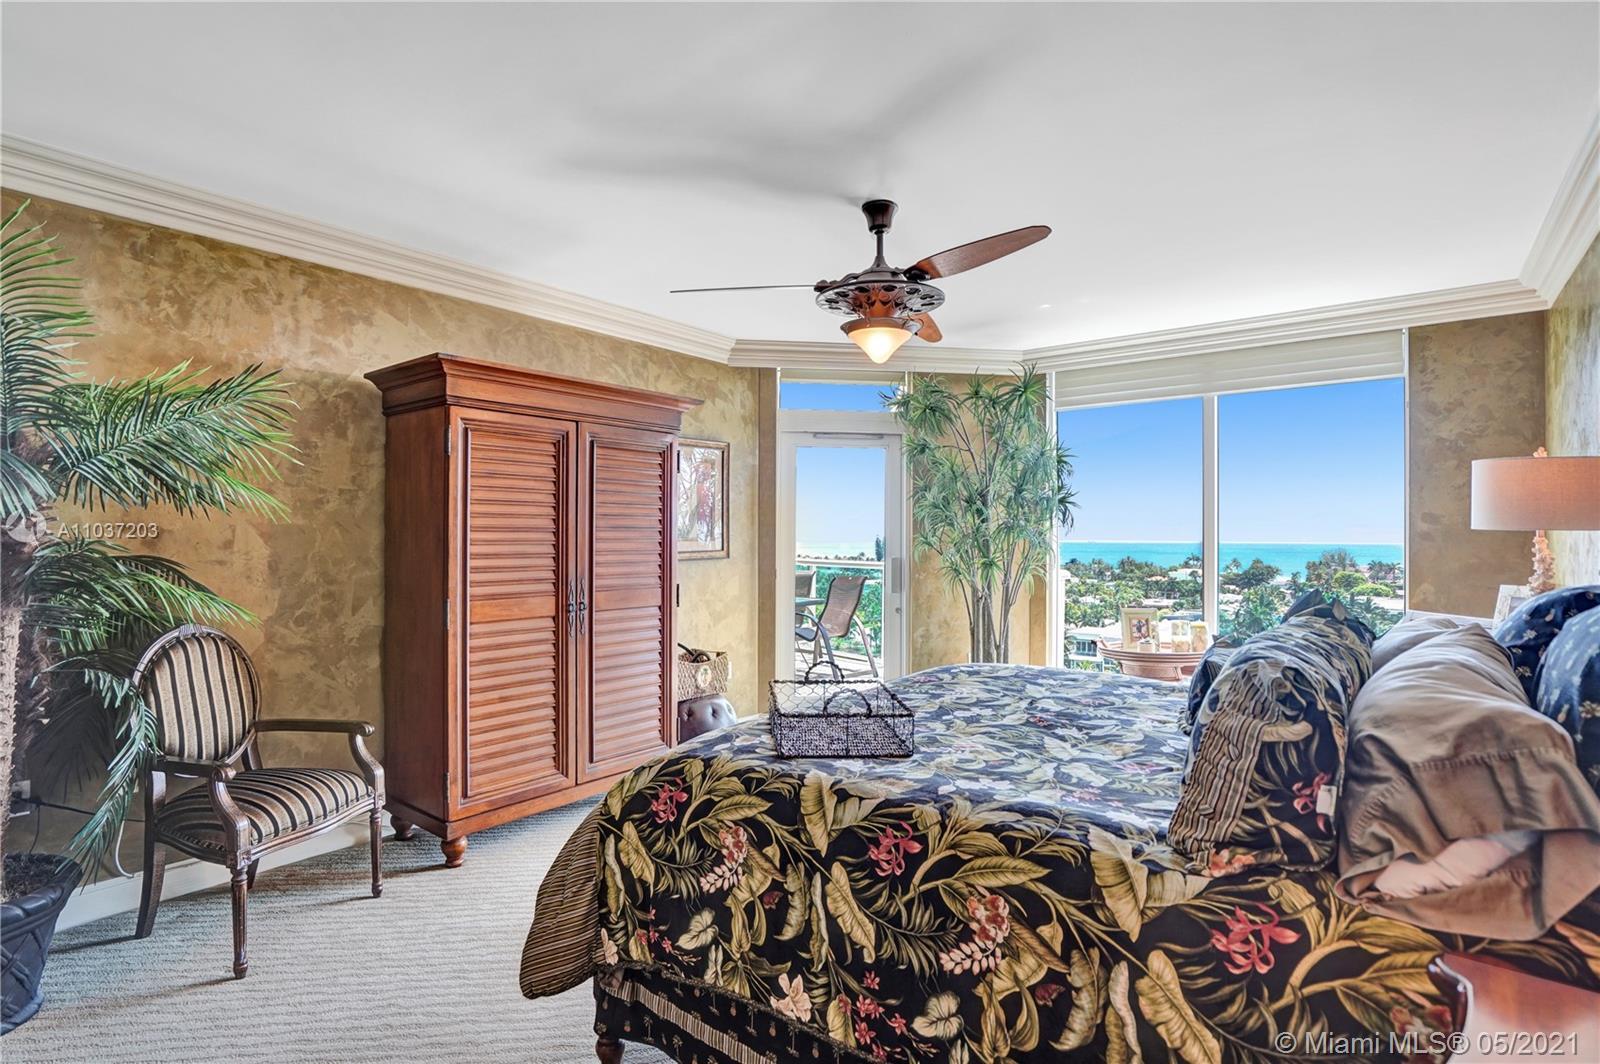 Photo of 20201 Country Club Dr #1006, Aventura, Florida, 33180 - Spacious den/TV room.